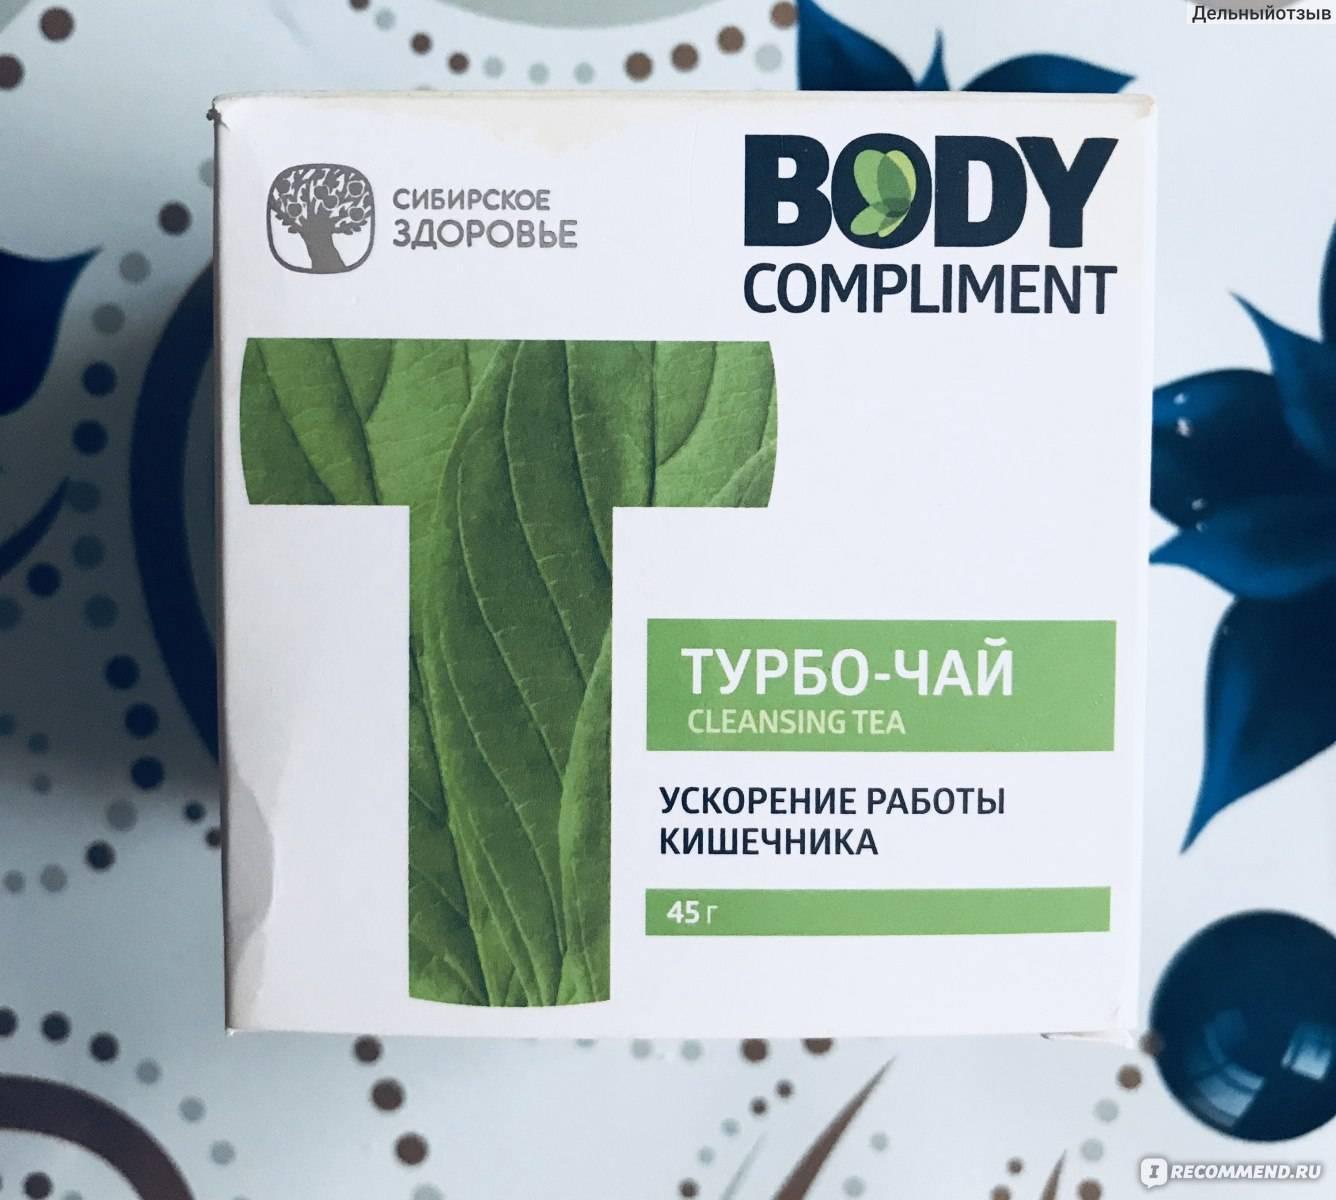 Турбо-чай сибирское здоровье: отзывы о чае боди комплимент